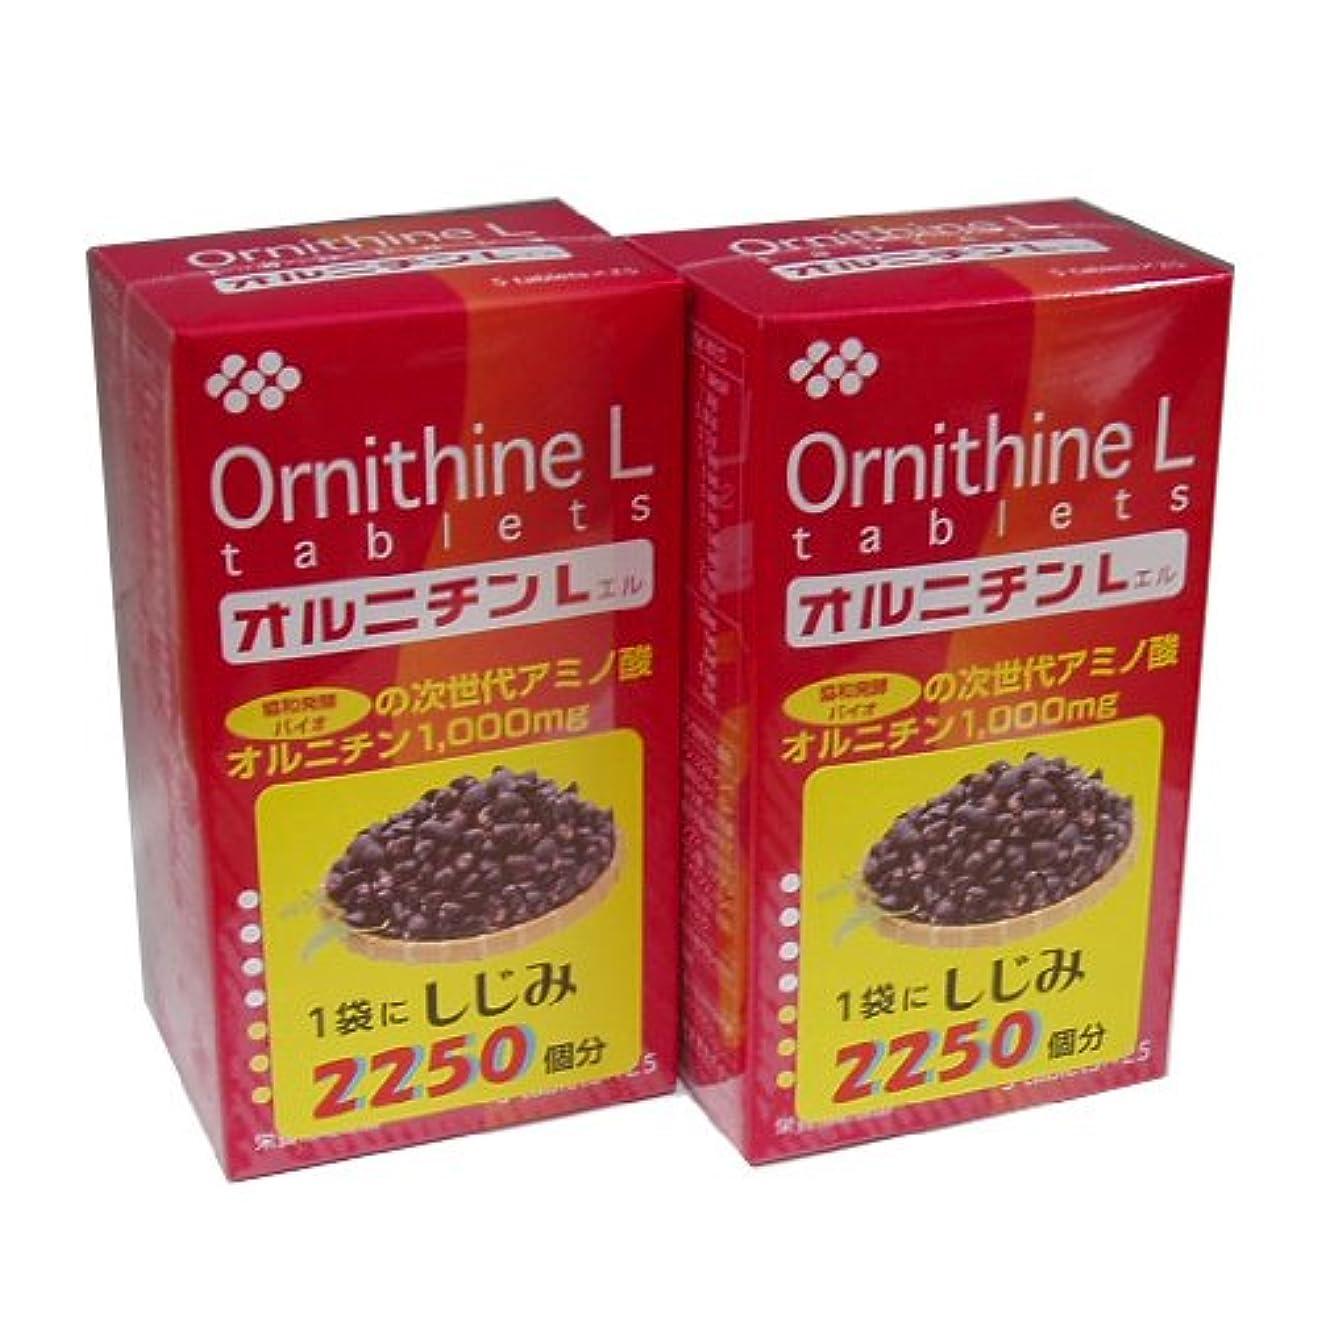 マージン集団ポケット伸和製薬オルニチンL (5粒×25袋)×2個セット